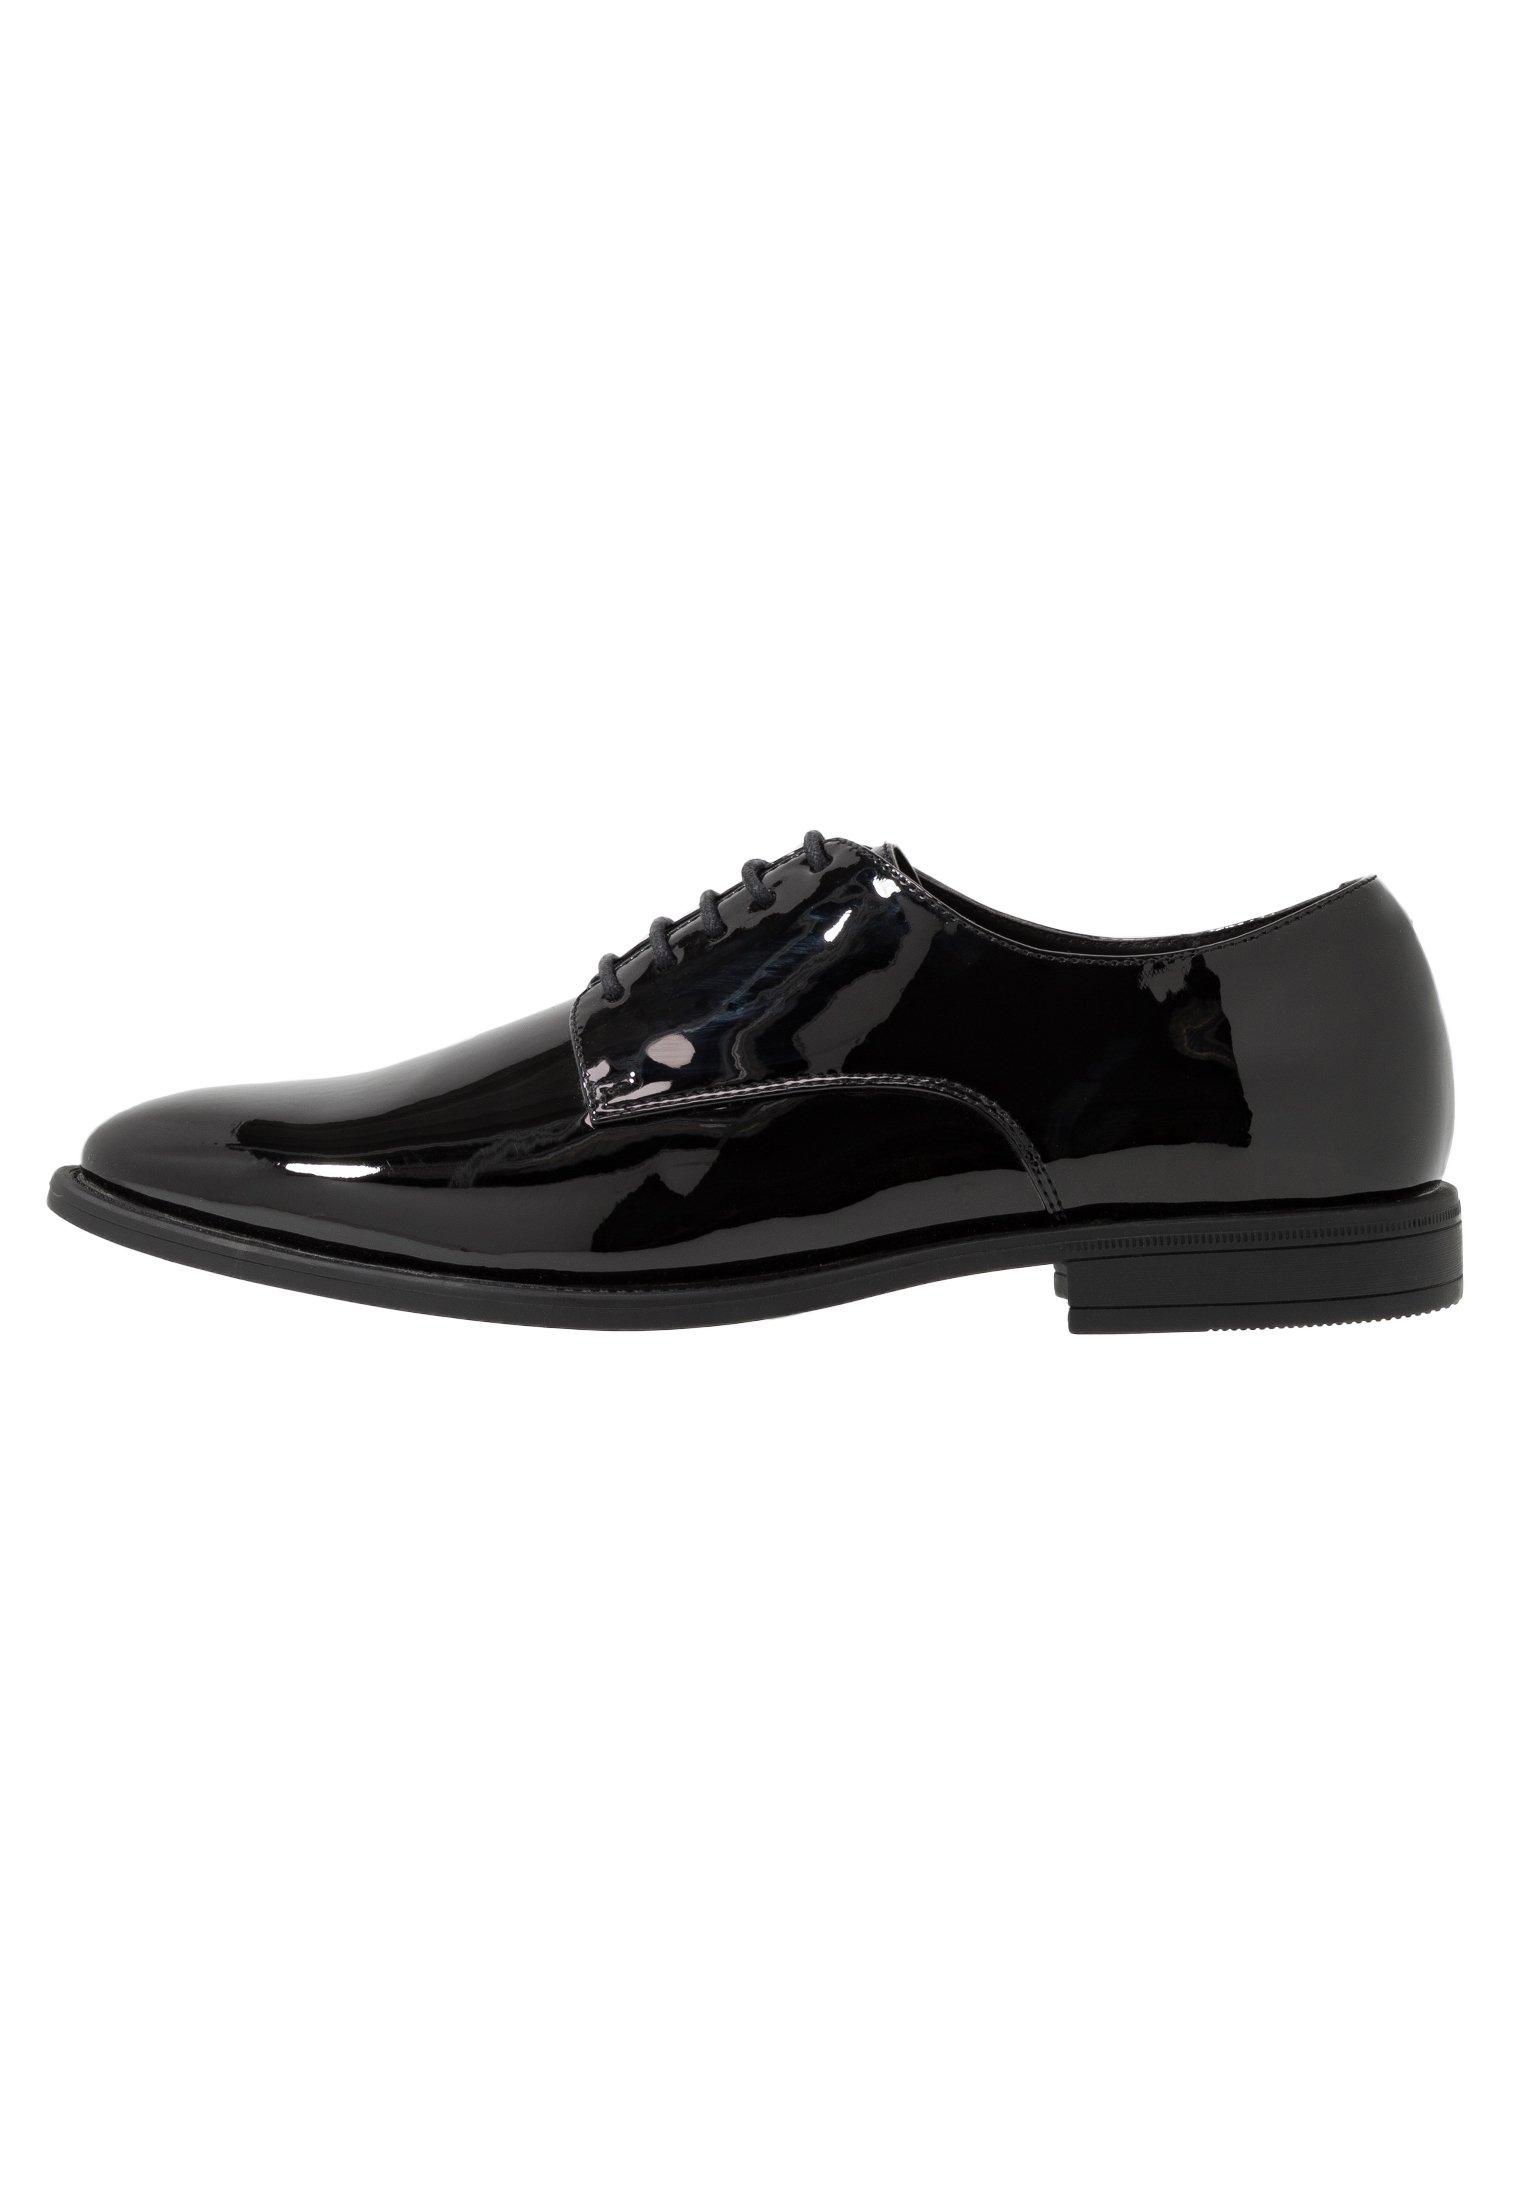 Scarpe eleganti da uomo | La collezione su Zalando